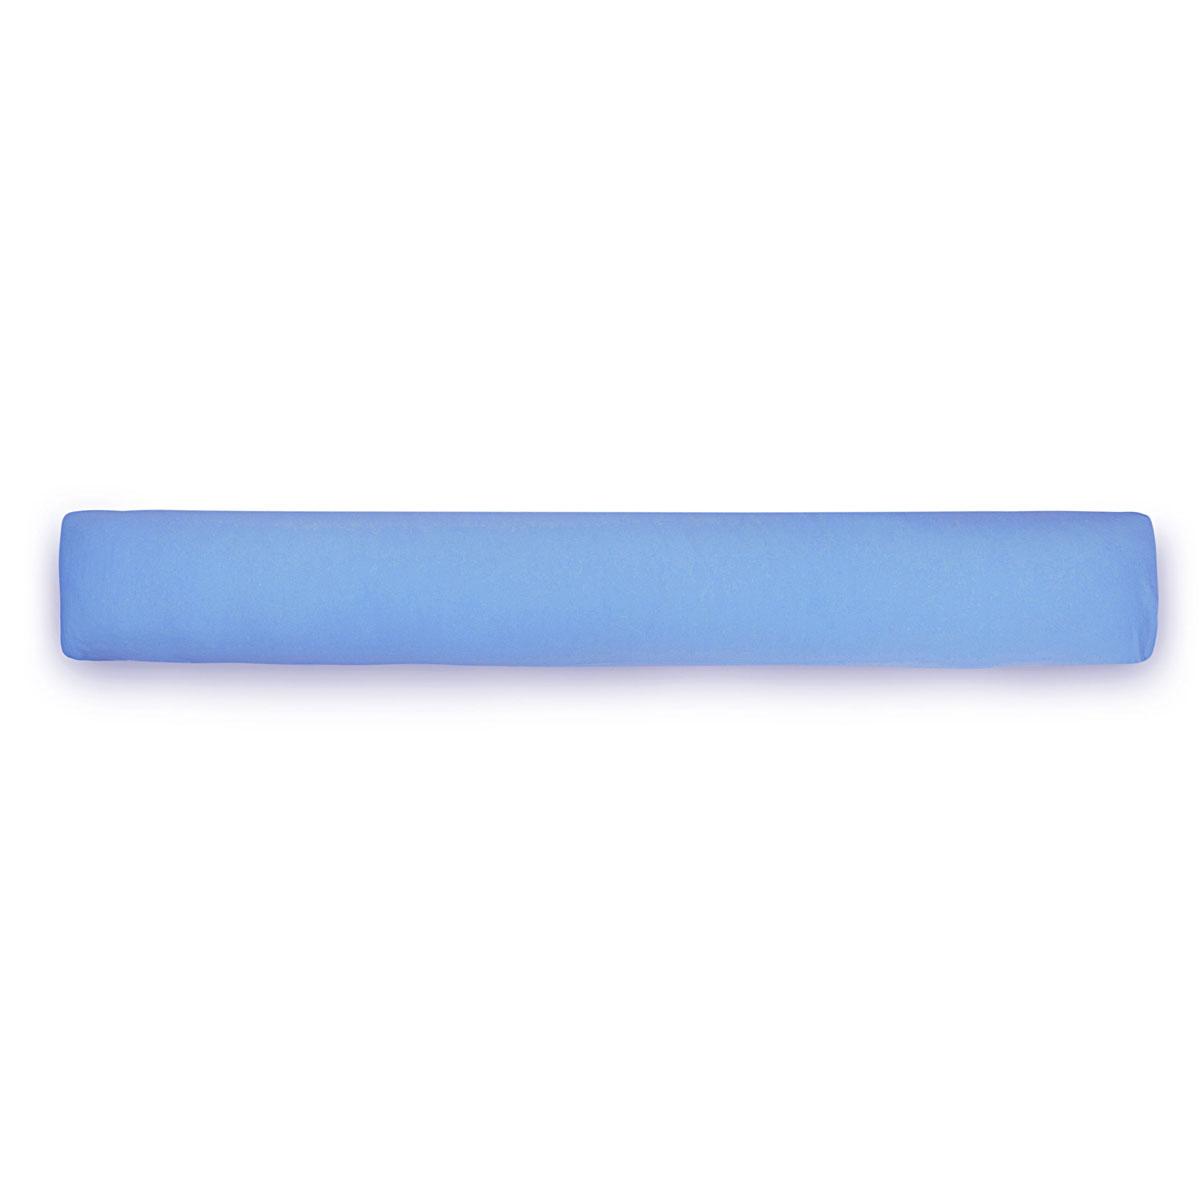 БИО-Подушка для всего тела I mini чехол цвет голубой